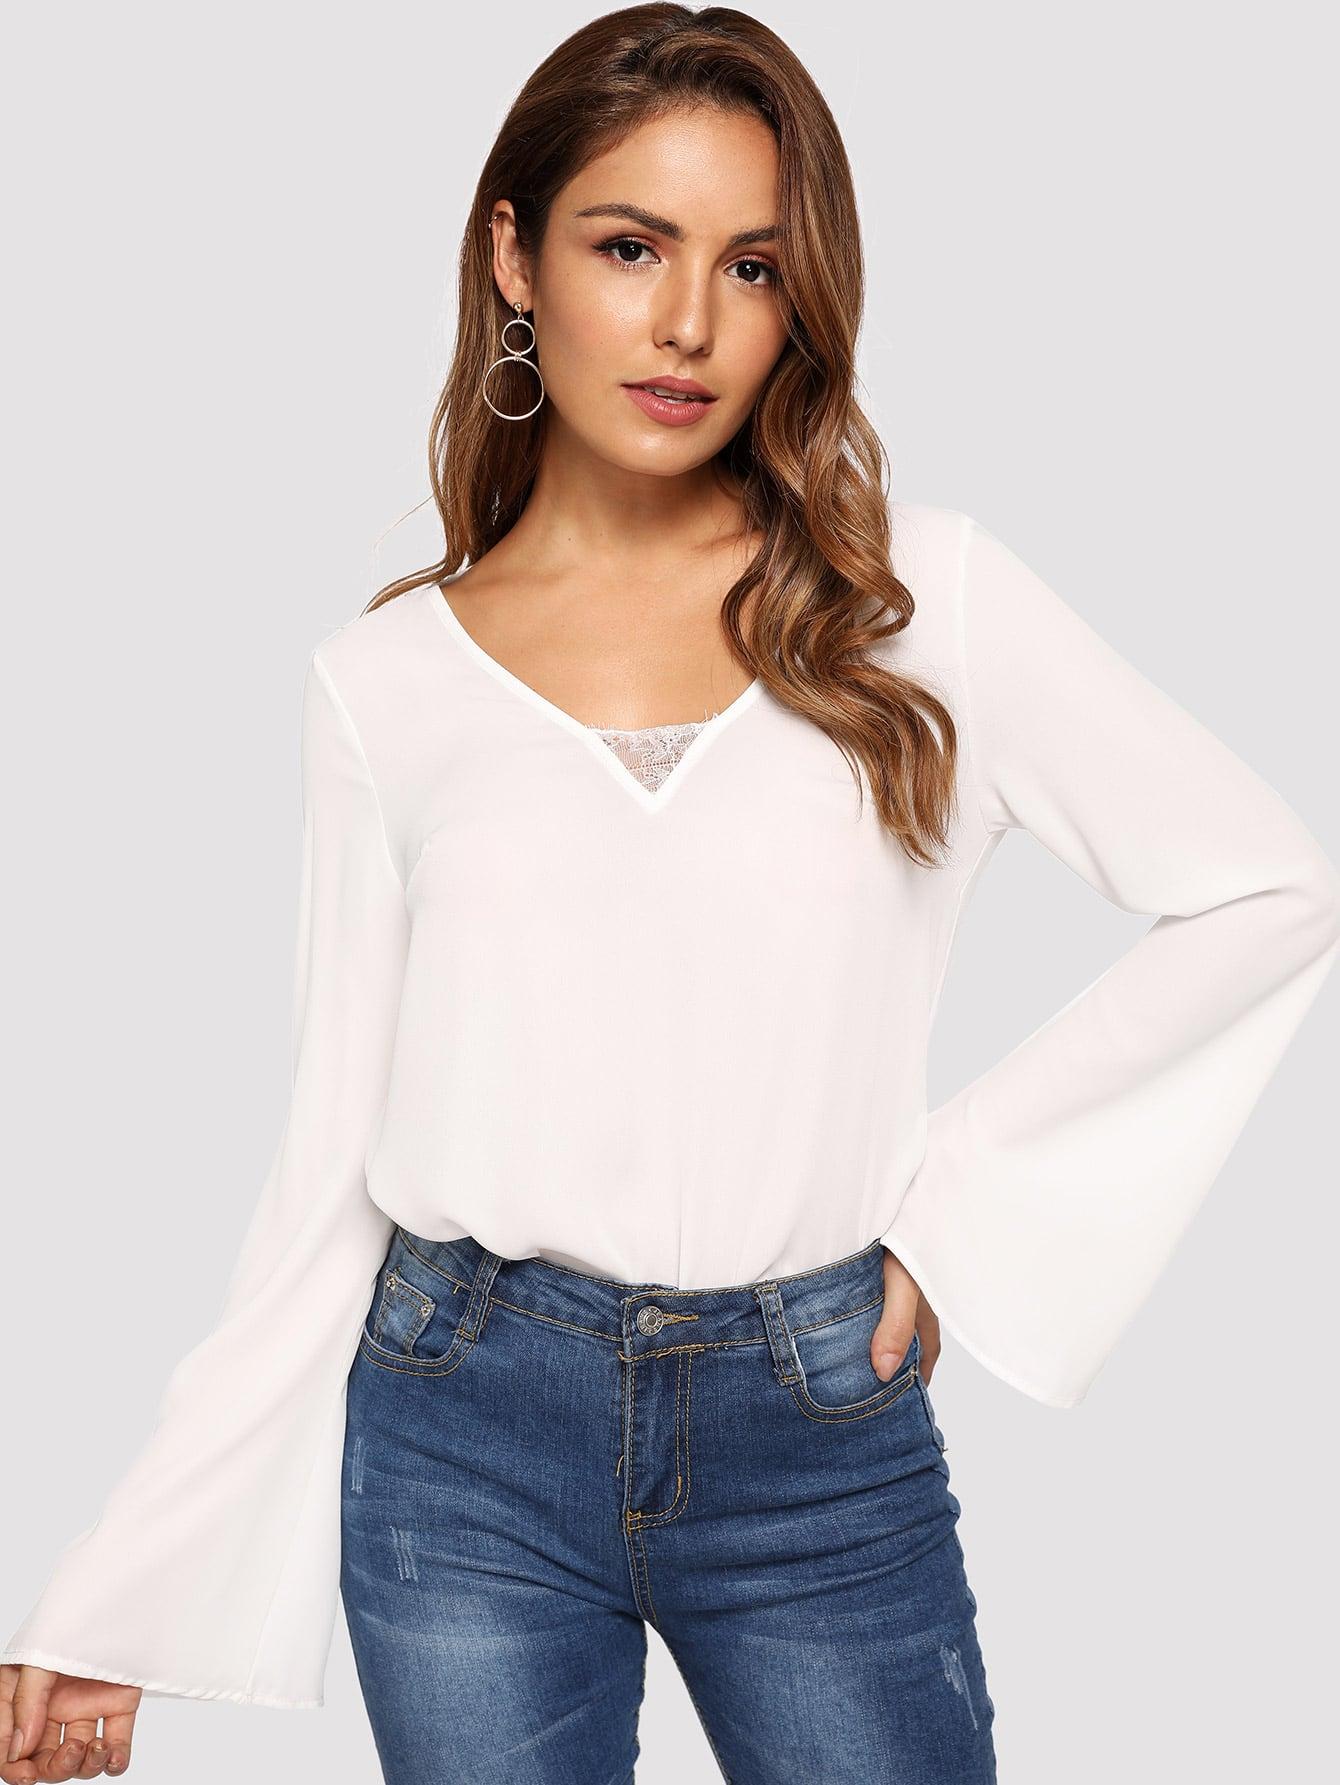 Купить Кружевой отделкой блузка с v-образным вырезом, Lisa, SheIn